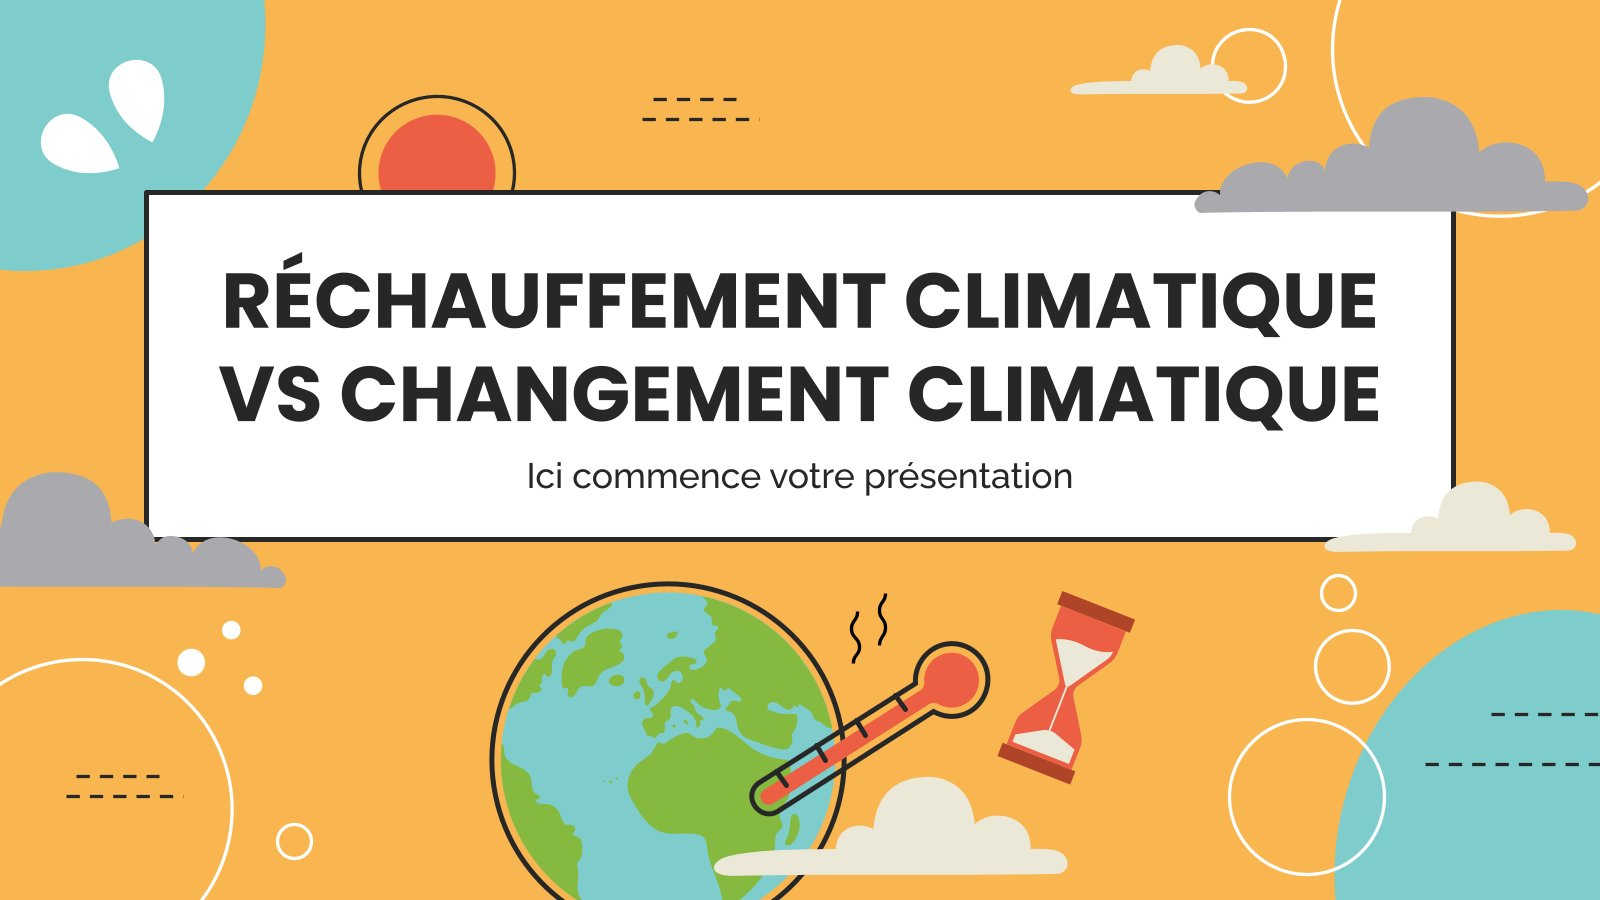 Réchauffement climatique vs changement climatique Präsentationsvorlage